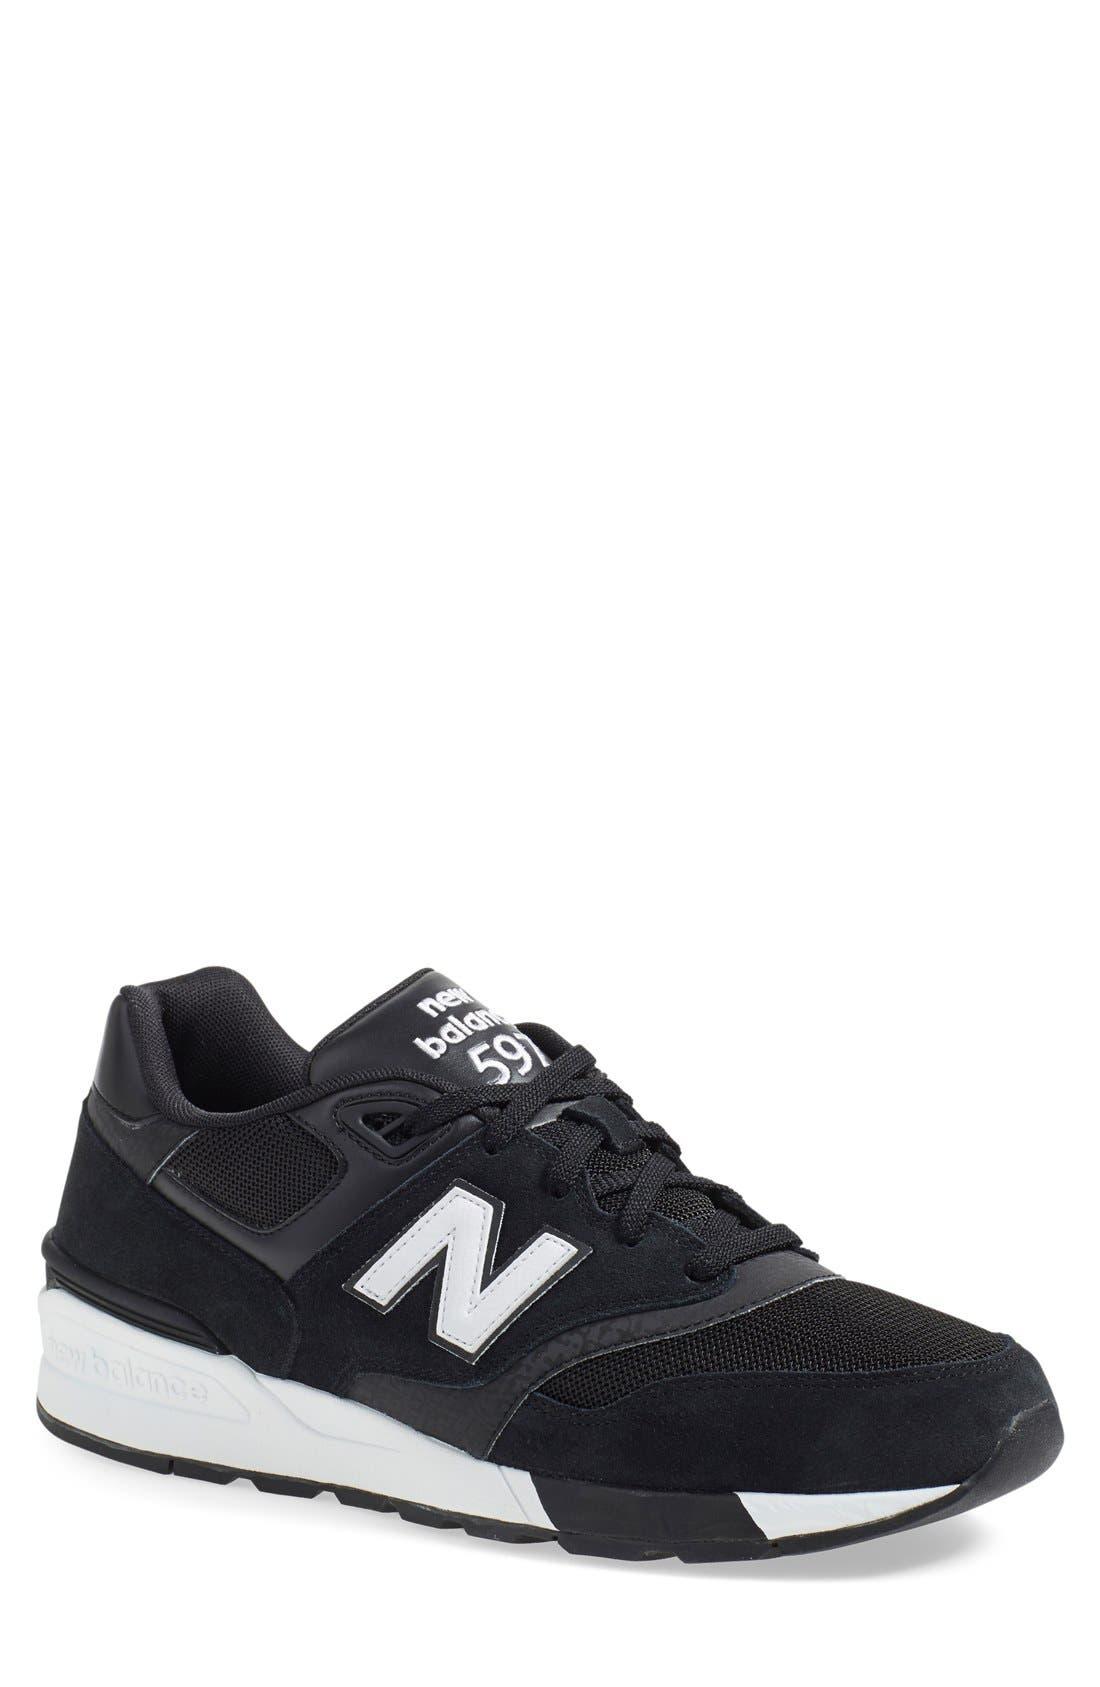 '597' Sneaker, Main, color, 001